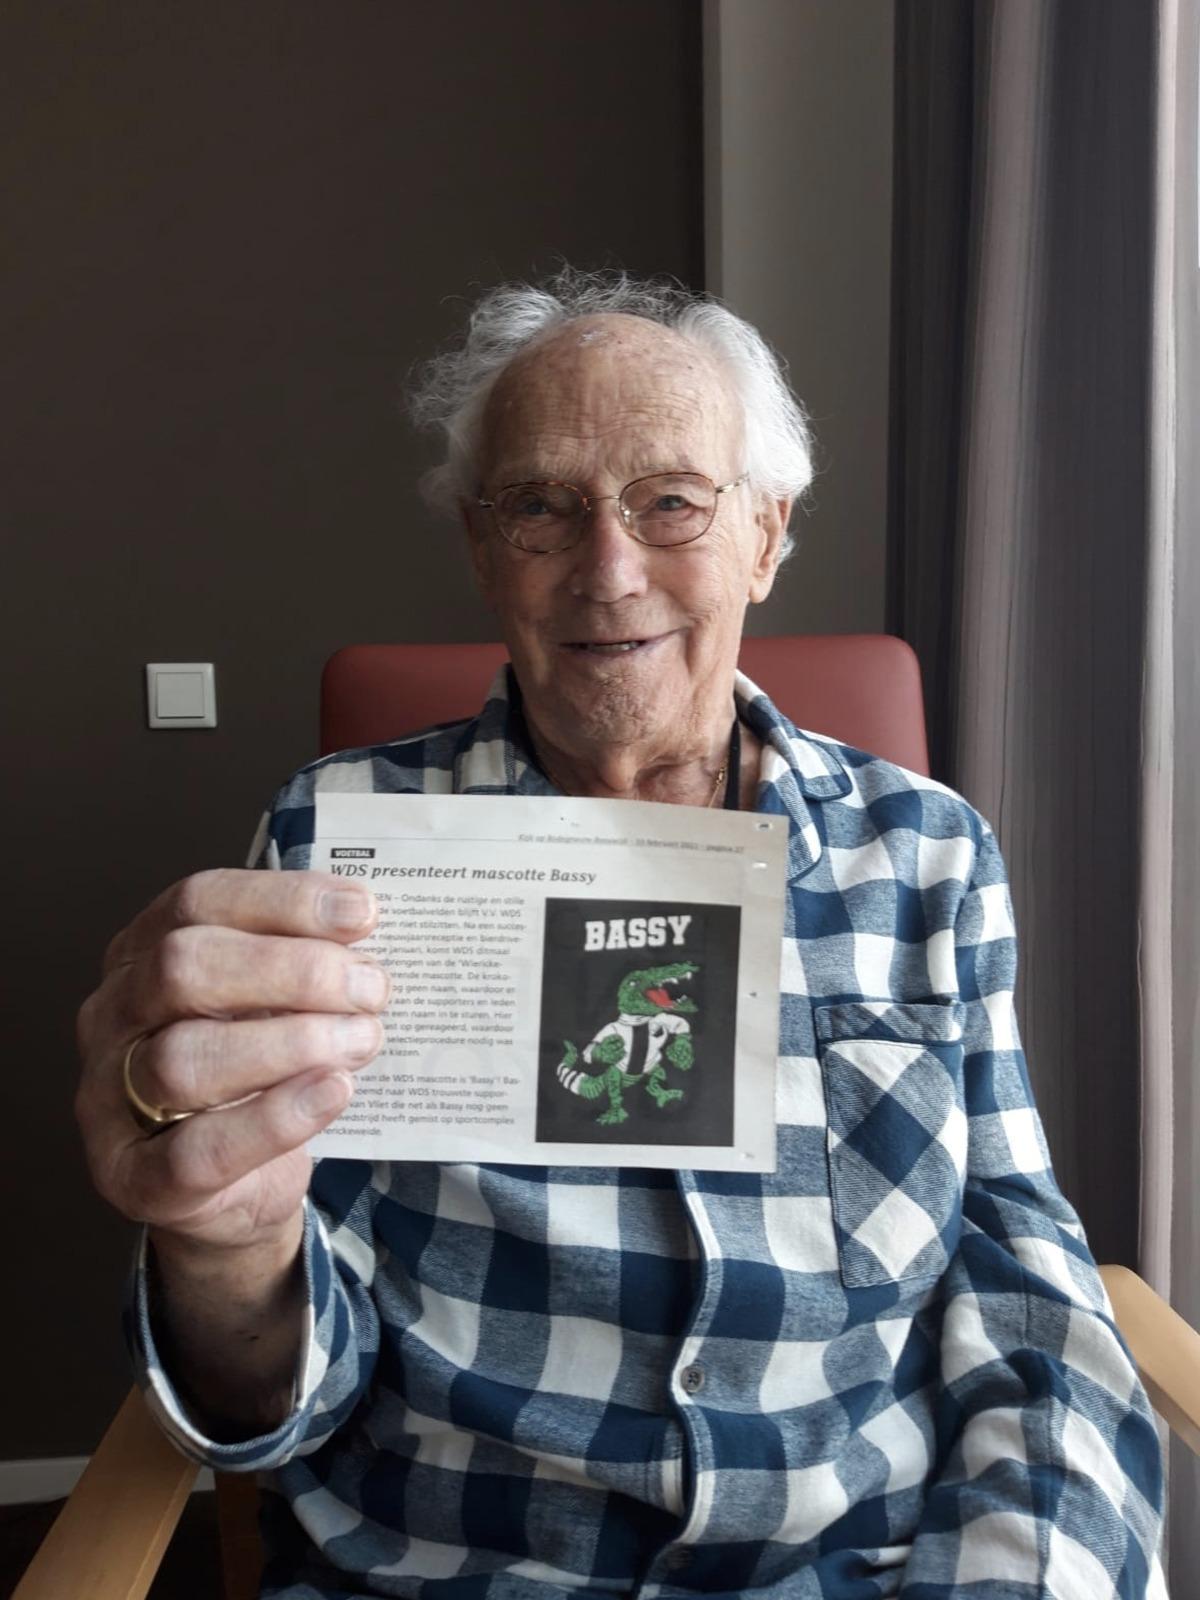 &quote;Bassy&quote; en Bas van Vliet in de krant!